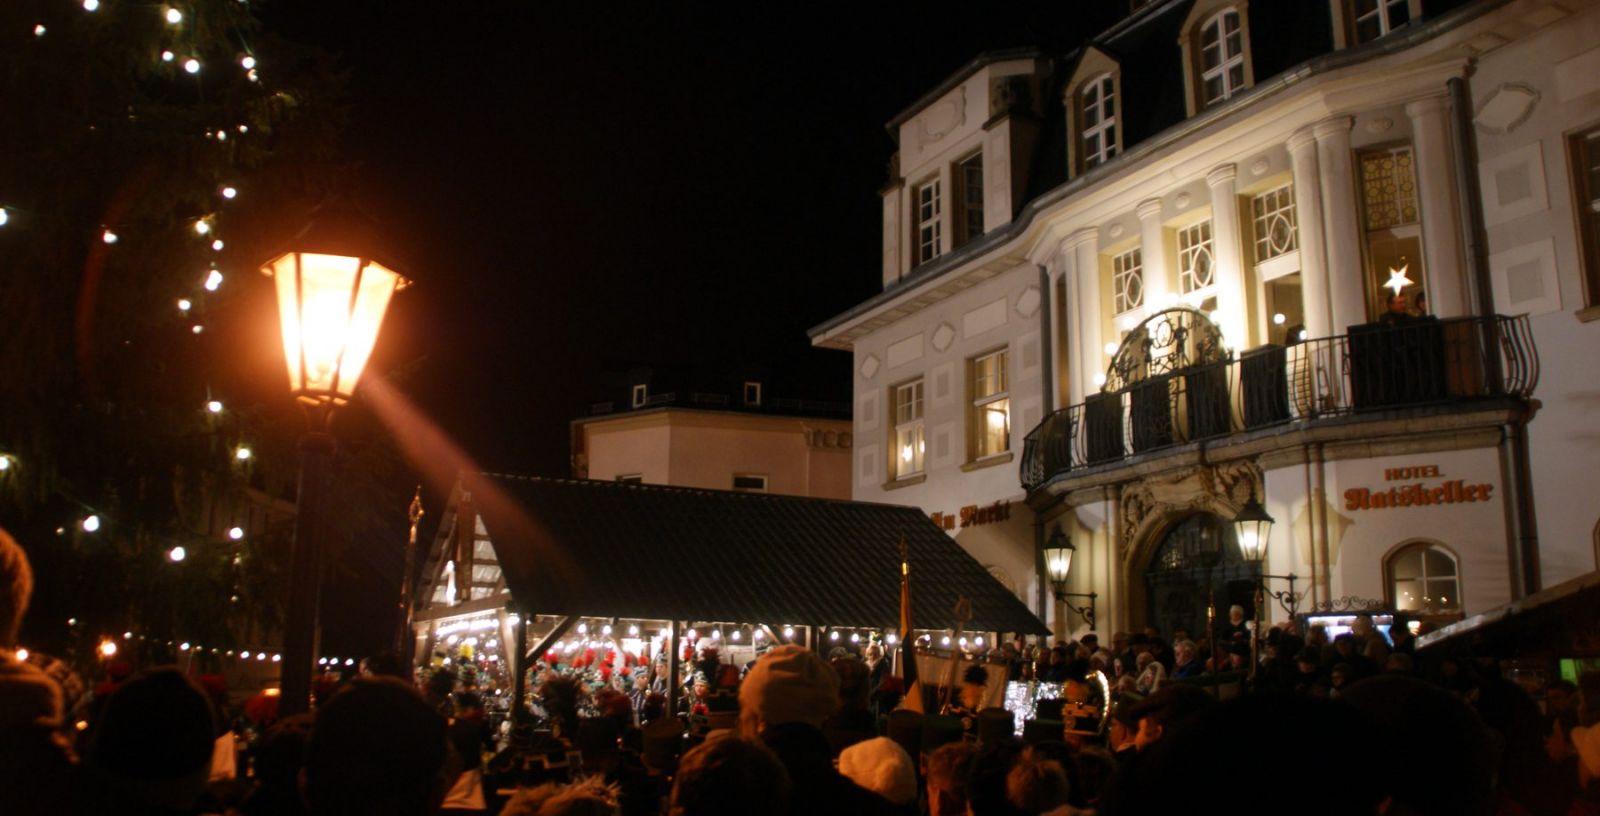 Weihnachtsmarkt Schwarzenberg.Weihnachtsmarkt In Schwarzenberg 2019